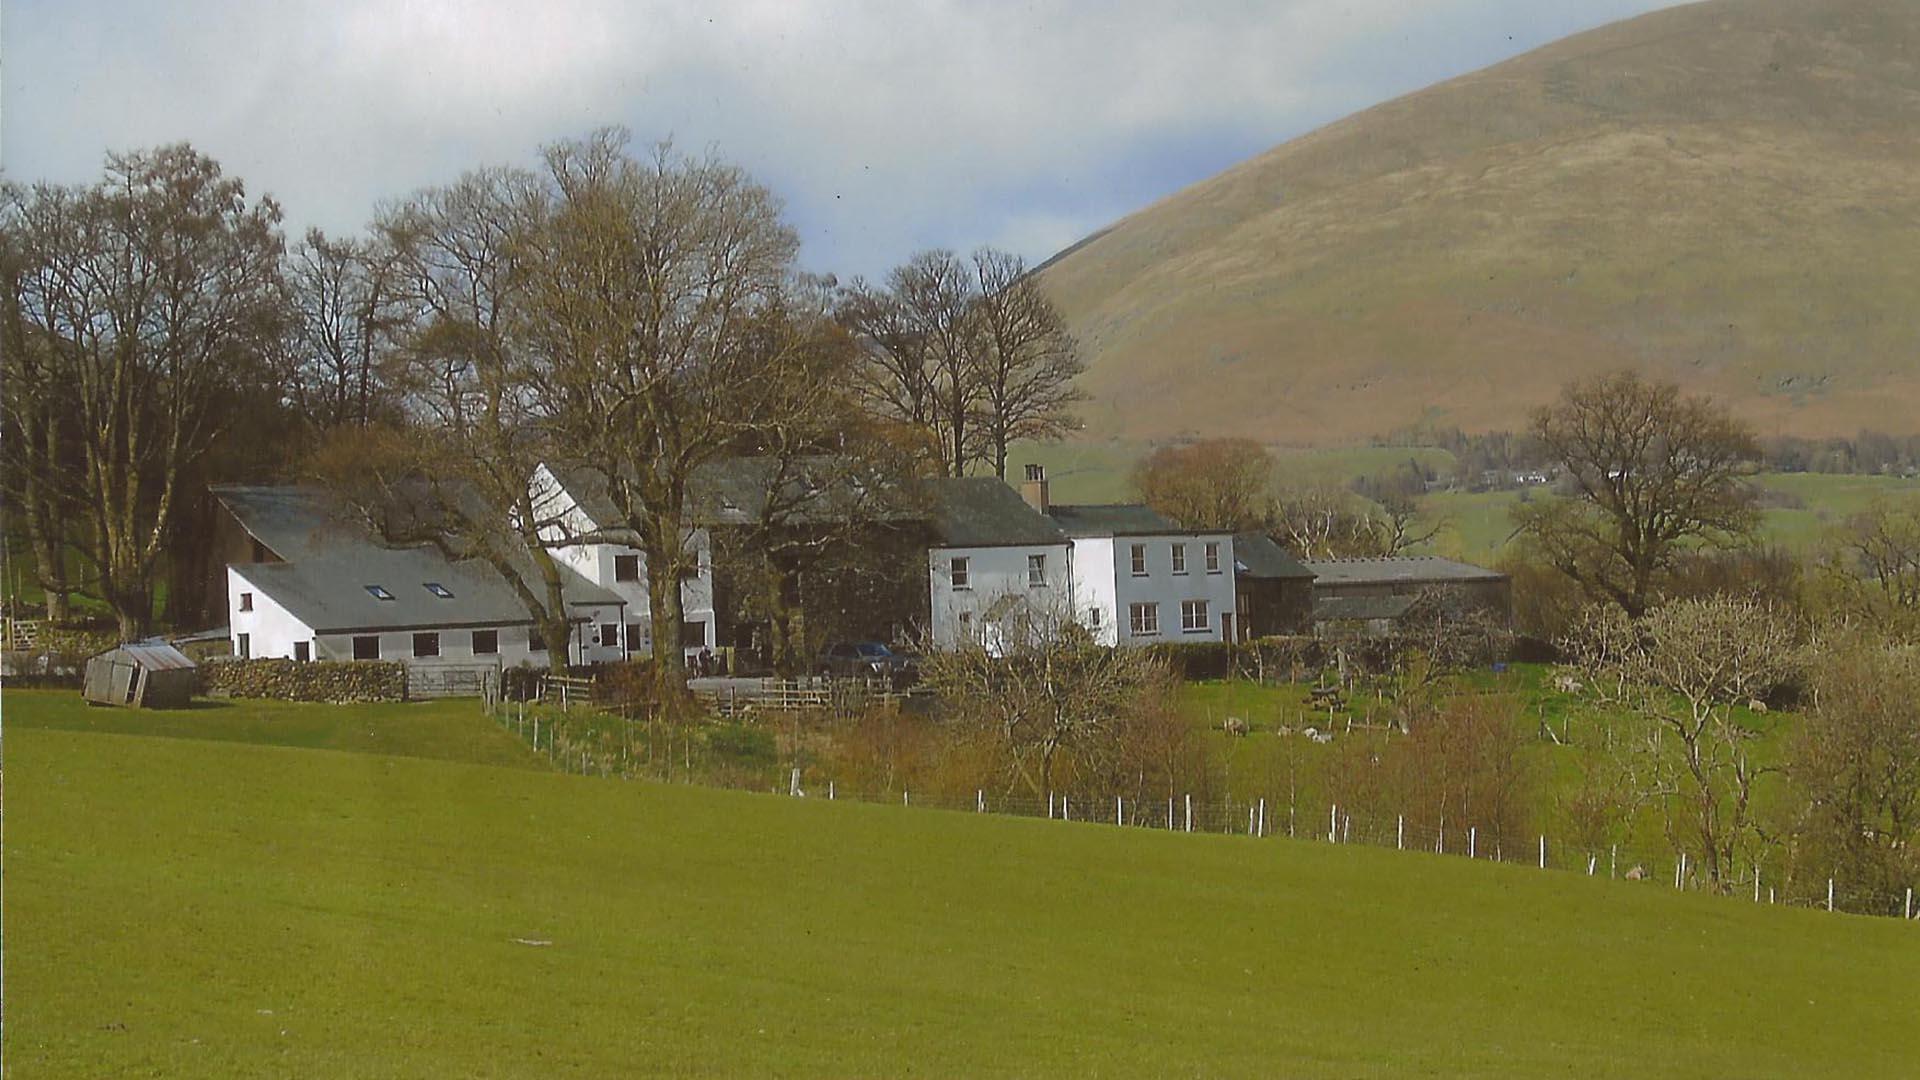 Nest Barn Landscape